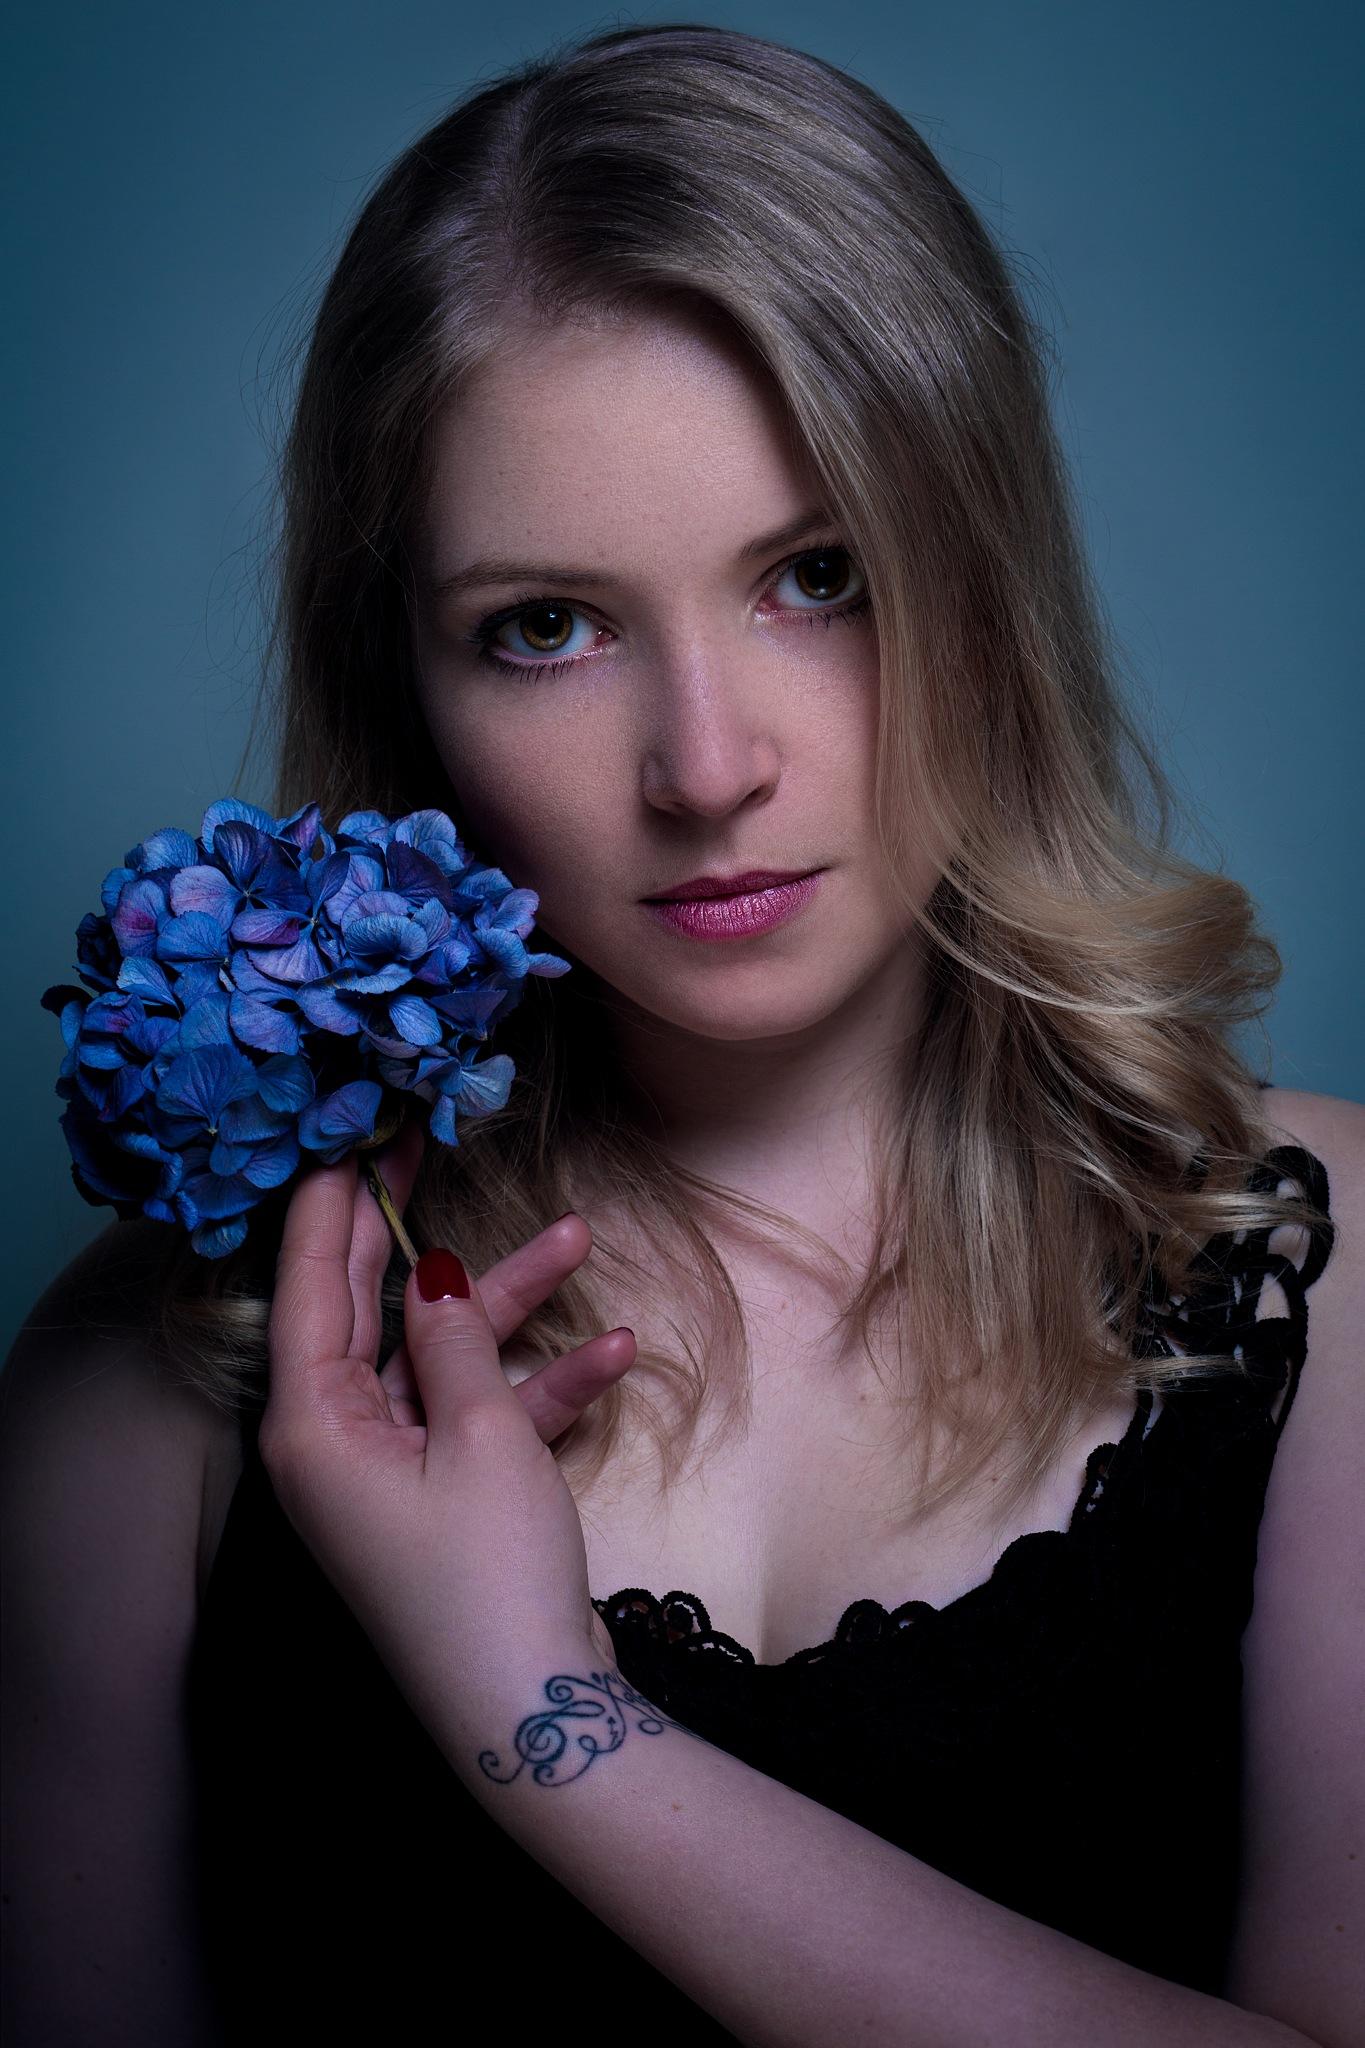 Luise by wismarfoto